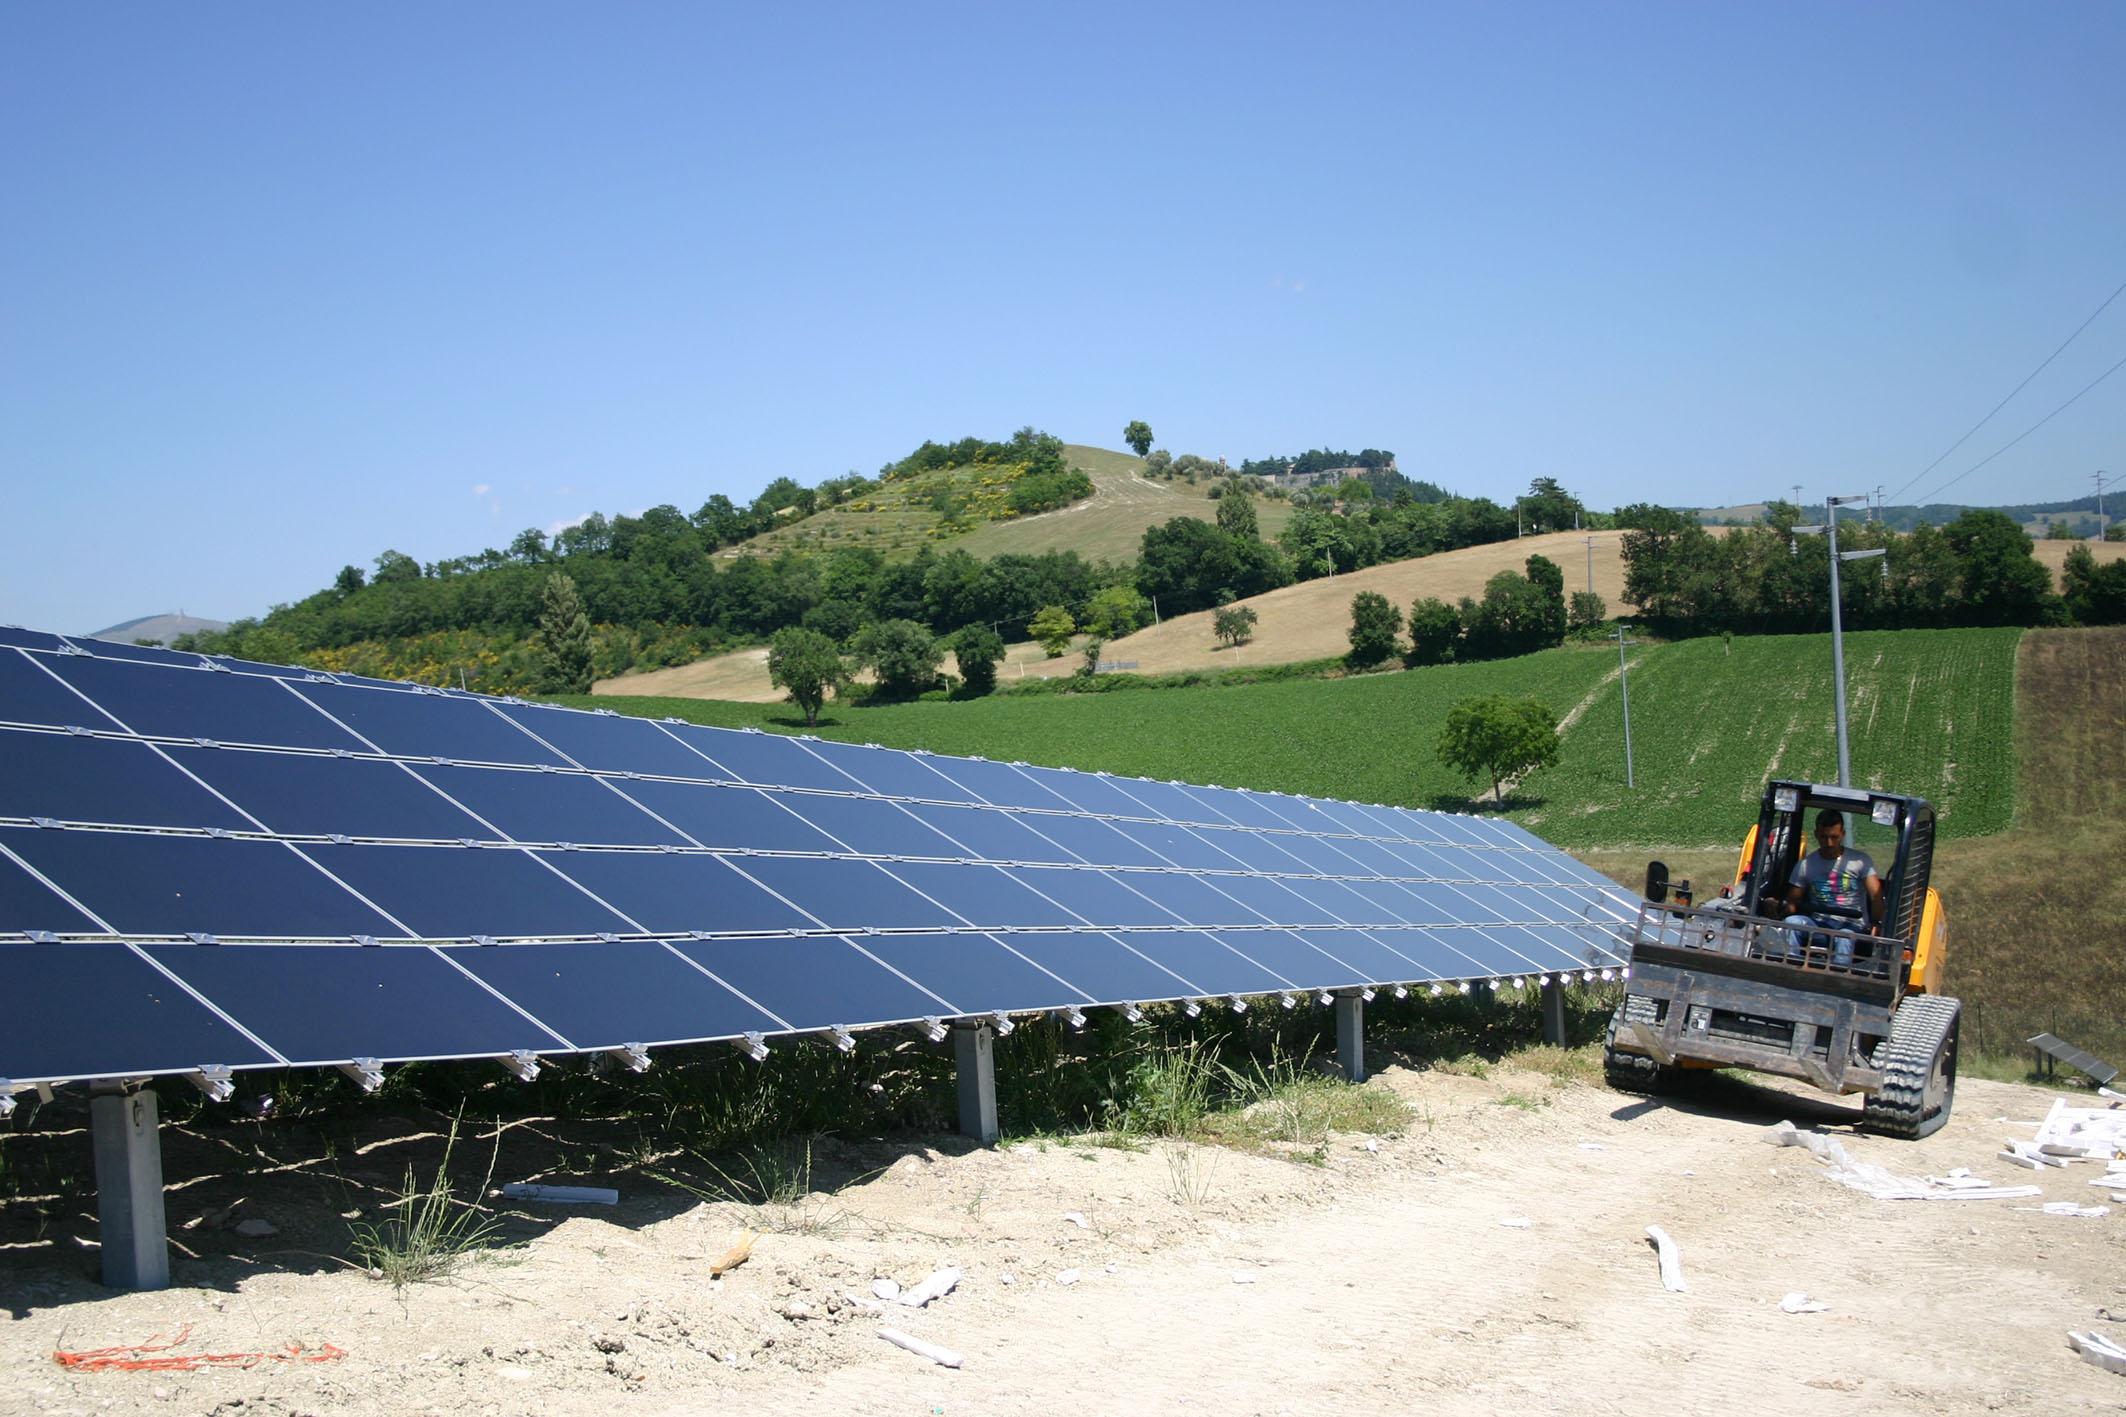 Lavori  Lavaggio pannelli fotovoltaici, Pulizia pannelli fotovoltaici, Pulizia impianti ...